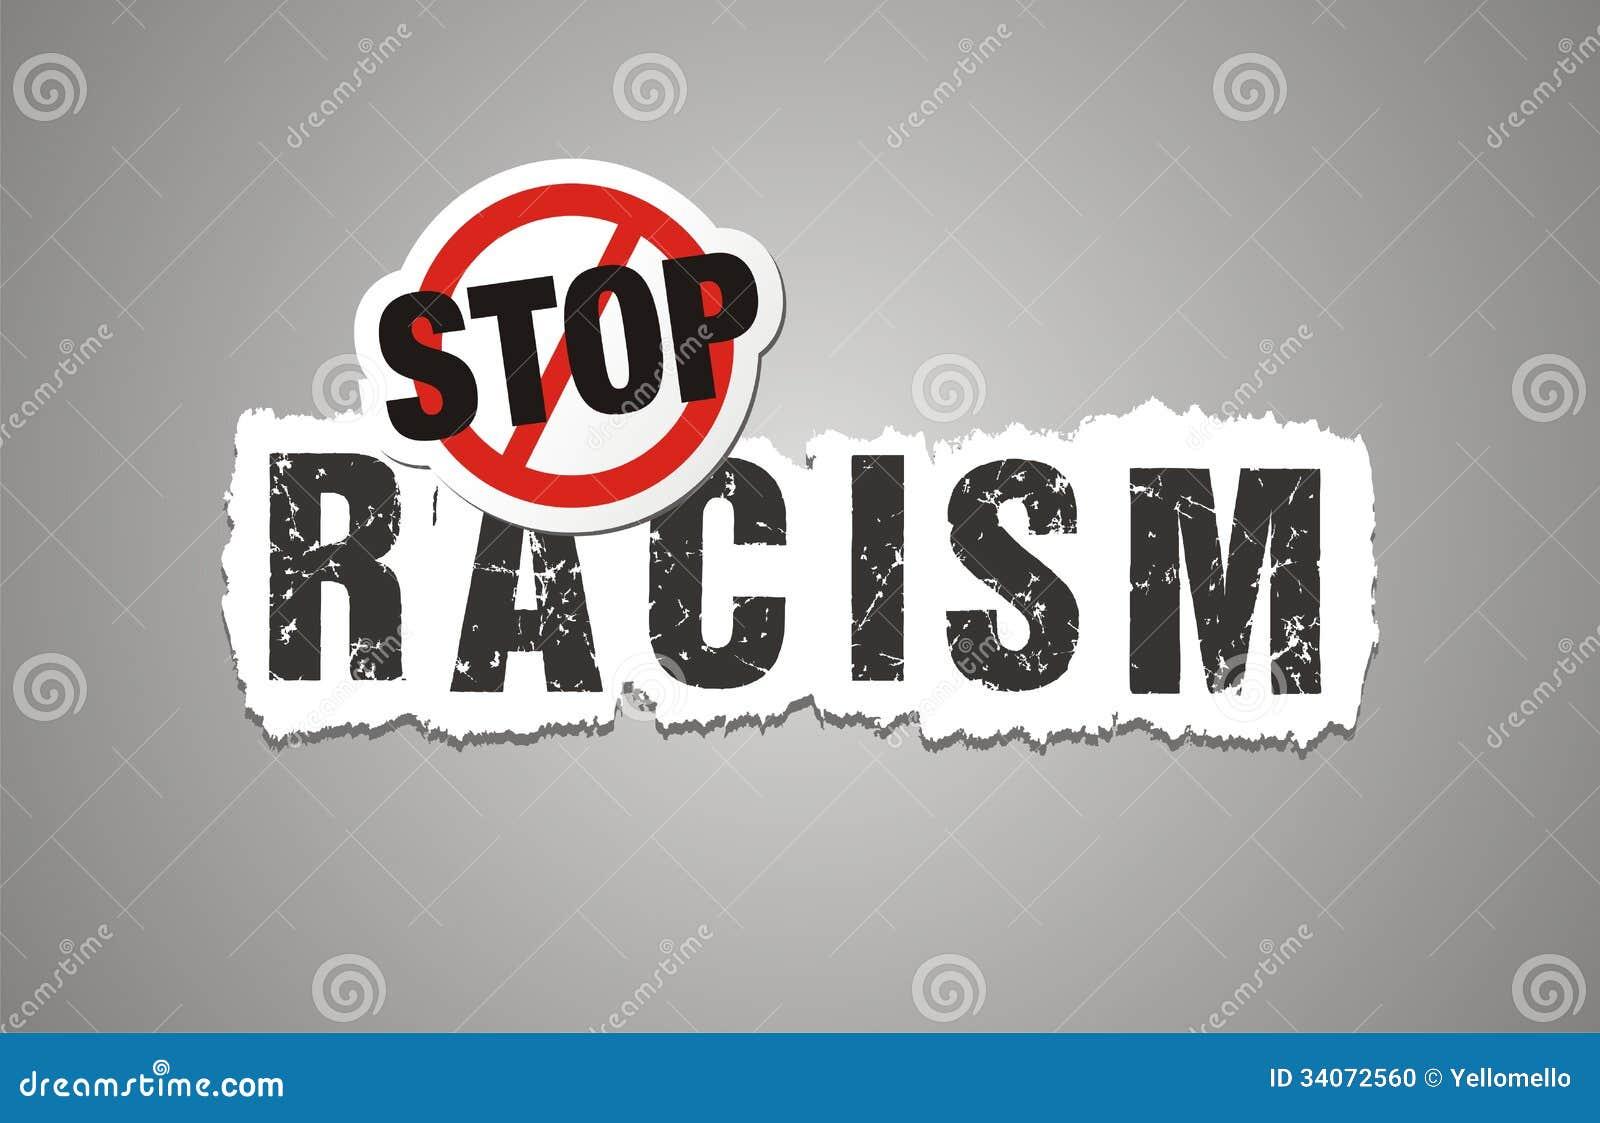 Stoppen Sie Rassismusplakat, beckdrop, Fahne